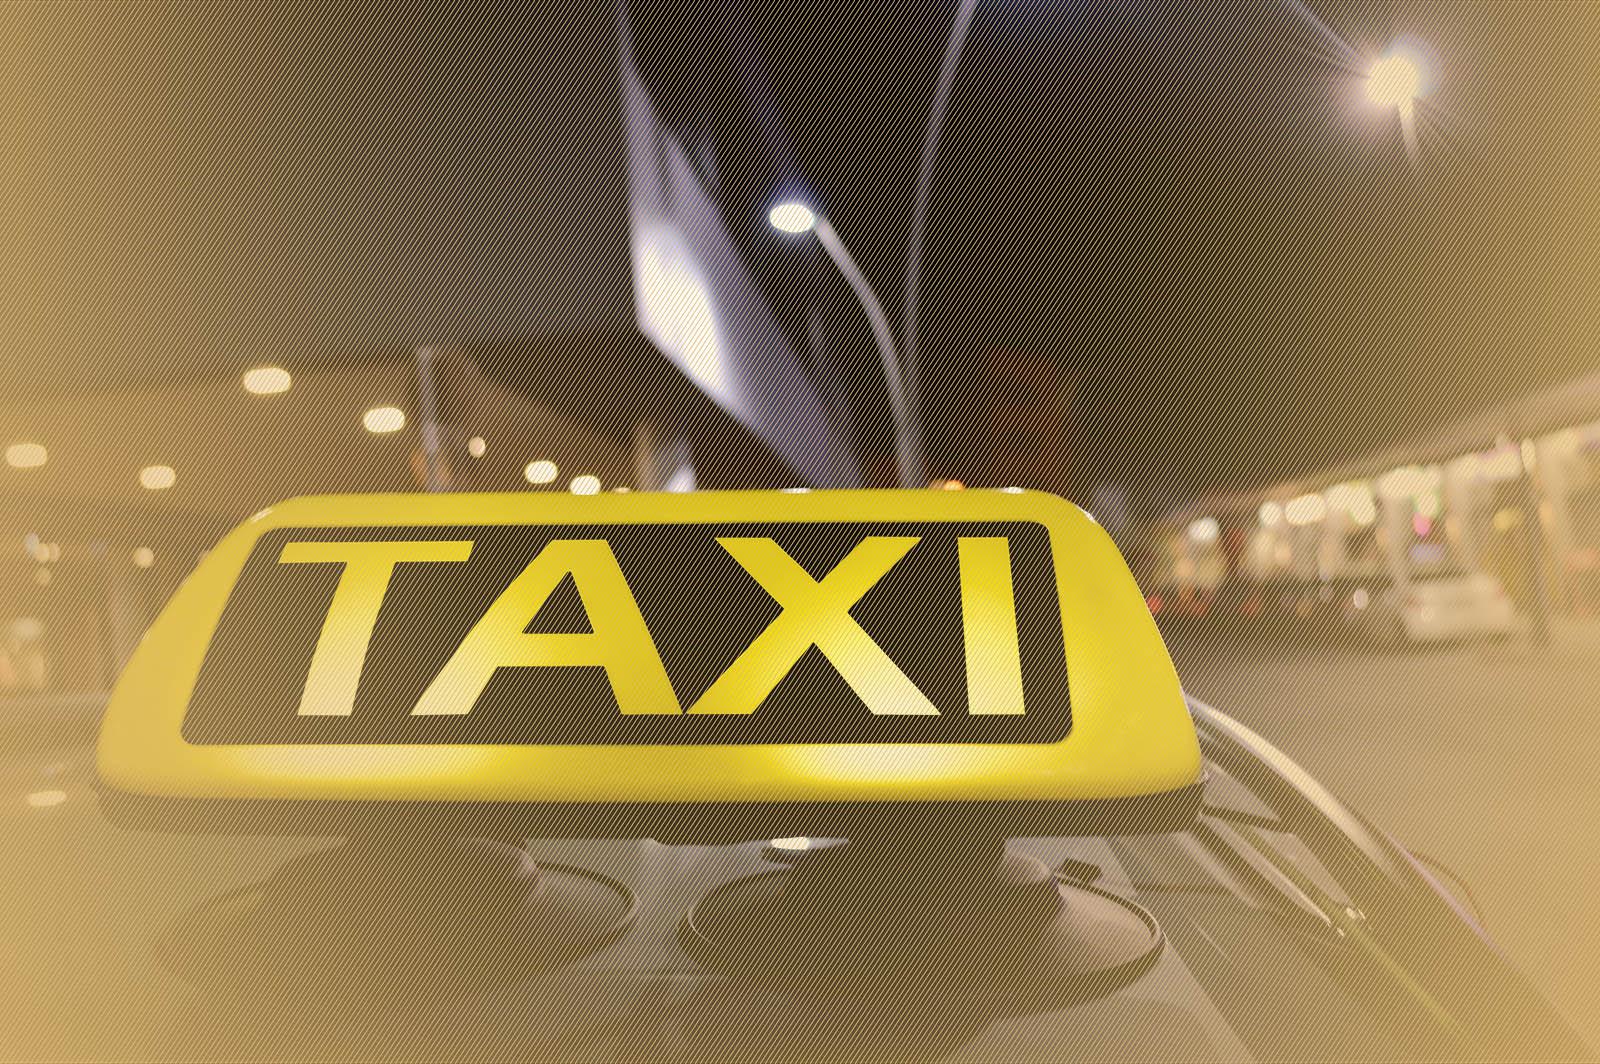 Taxi in Zandvoort